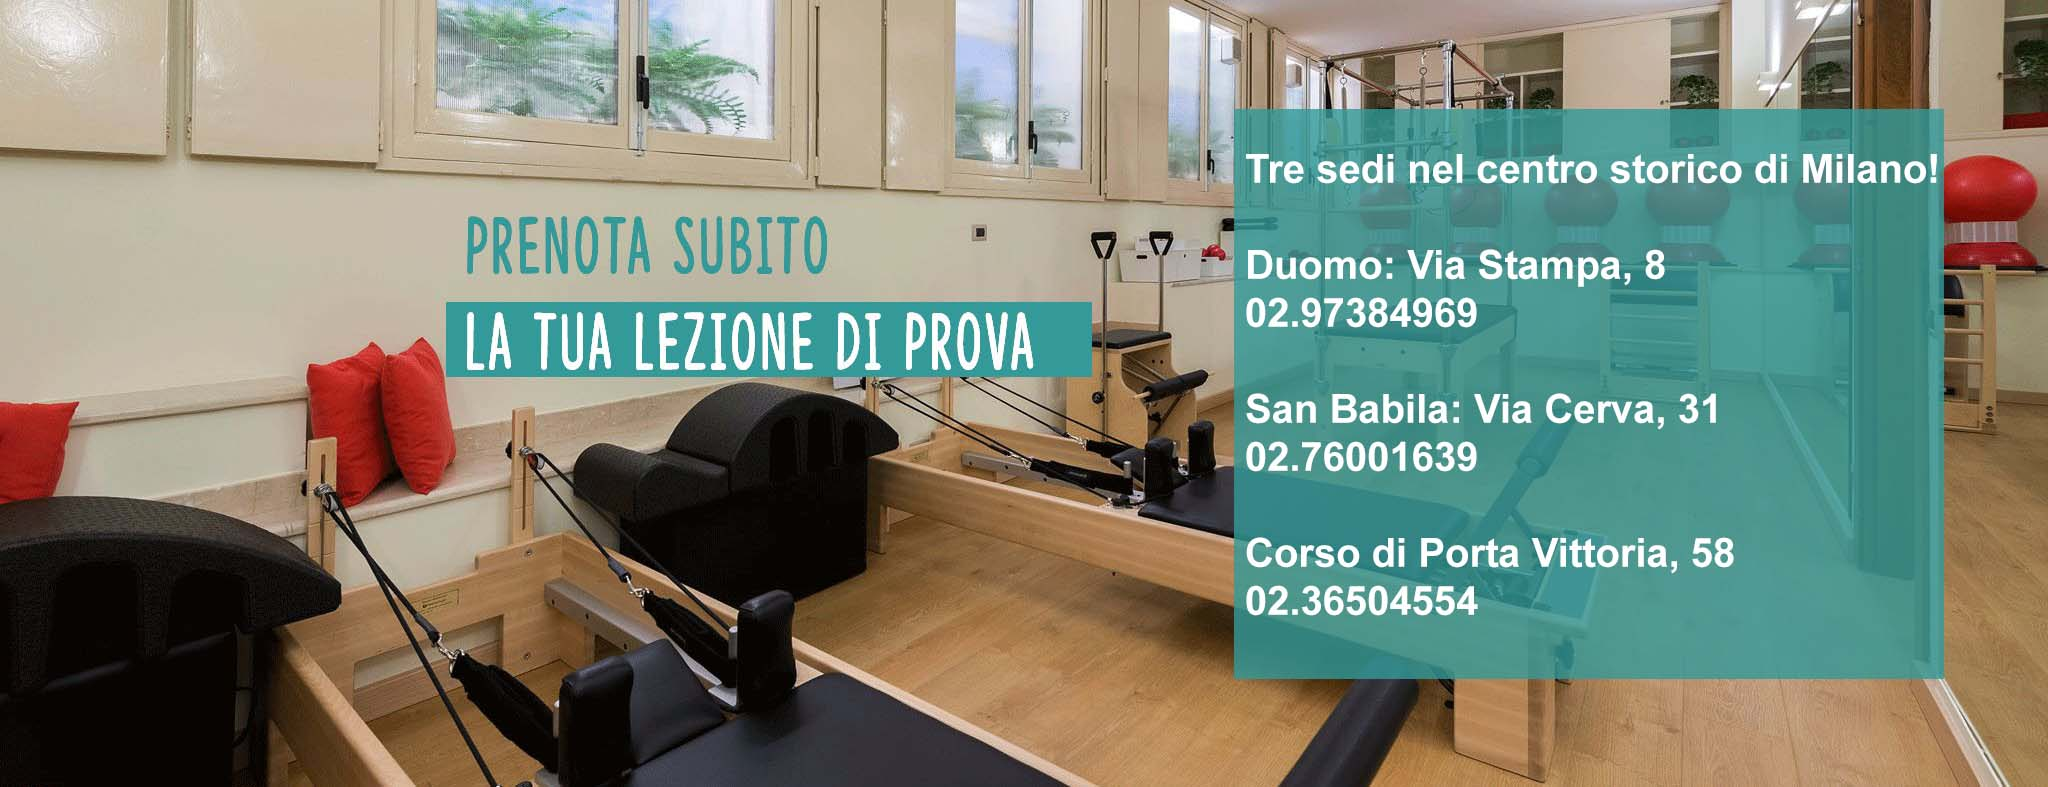 Pilates Pre Parto Via Sthendal Milano - Prenota subito la tua lezione di prova